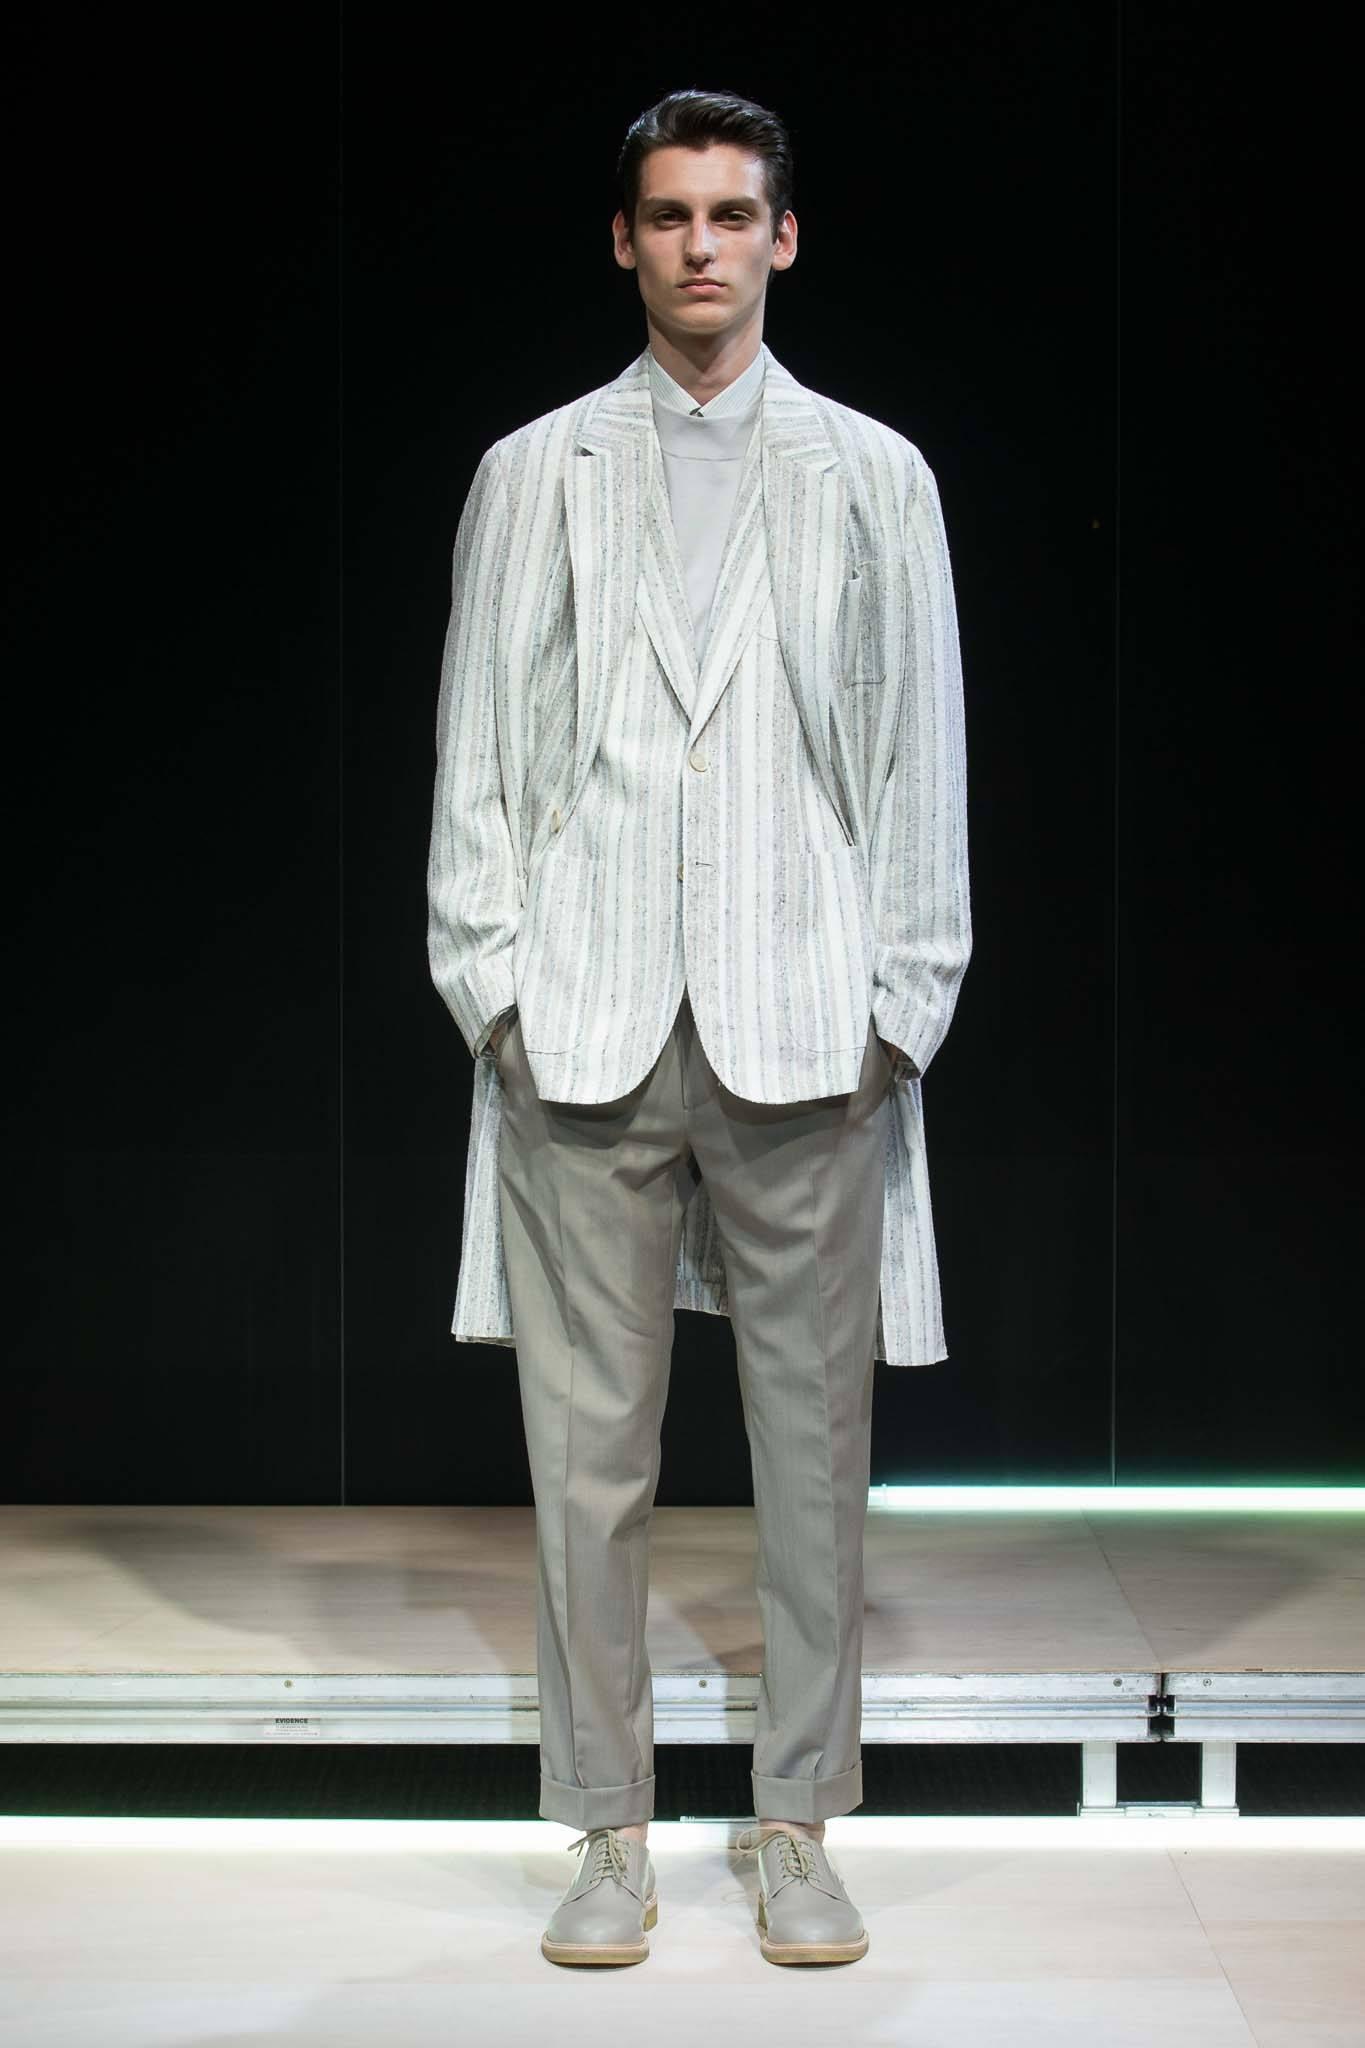 best hair gel for men: model with slicked back voluminous hair